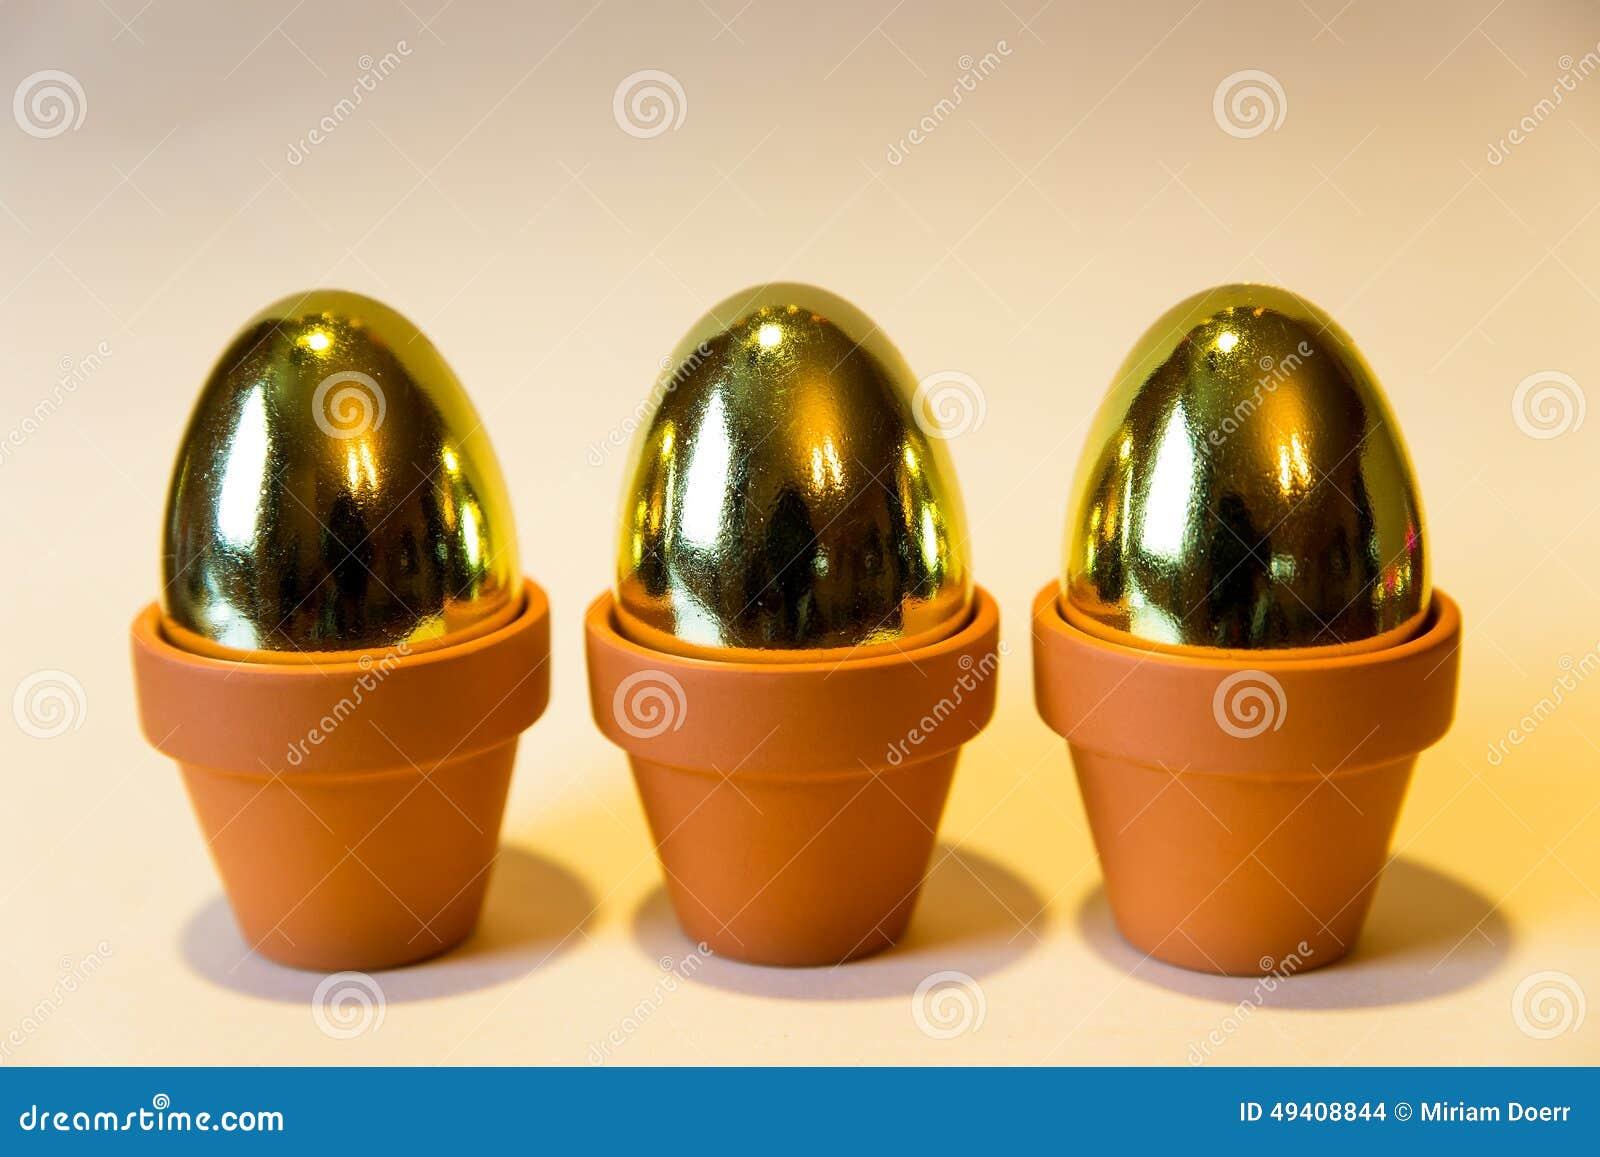 Download Goldene Eier Mit Einem Gelben Hintergrund Stockfoto - Bild von ostern, gesund: 49408844